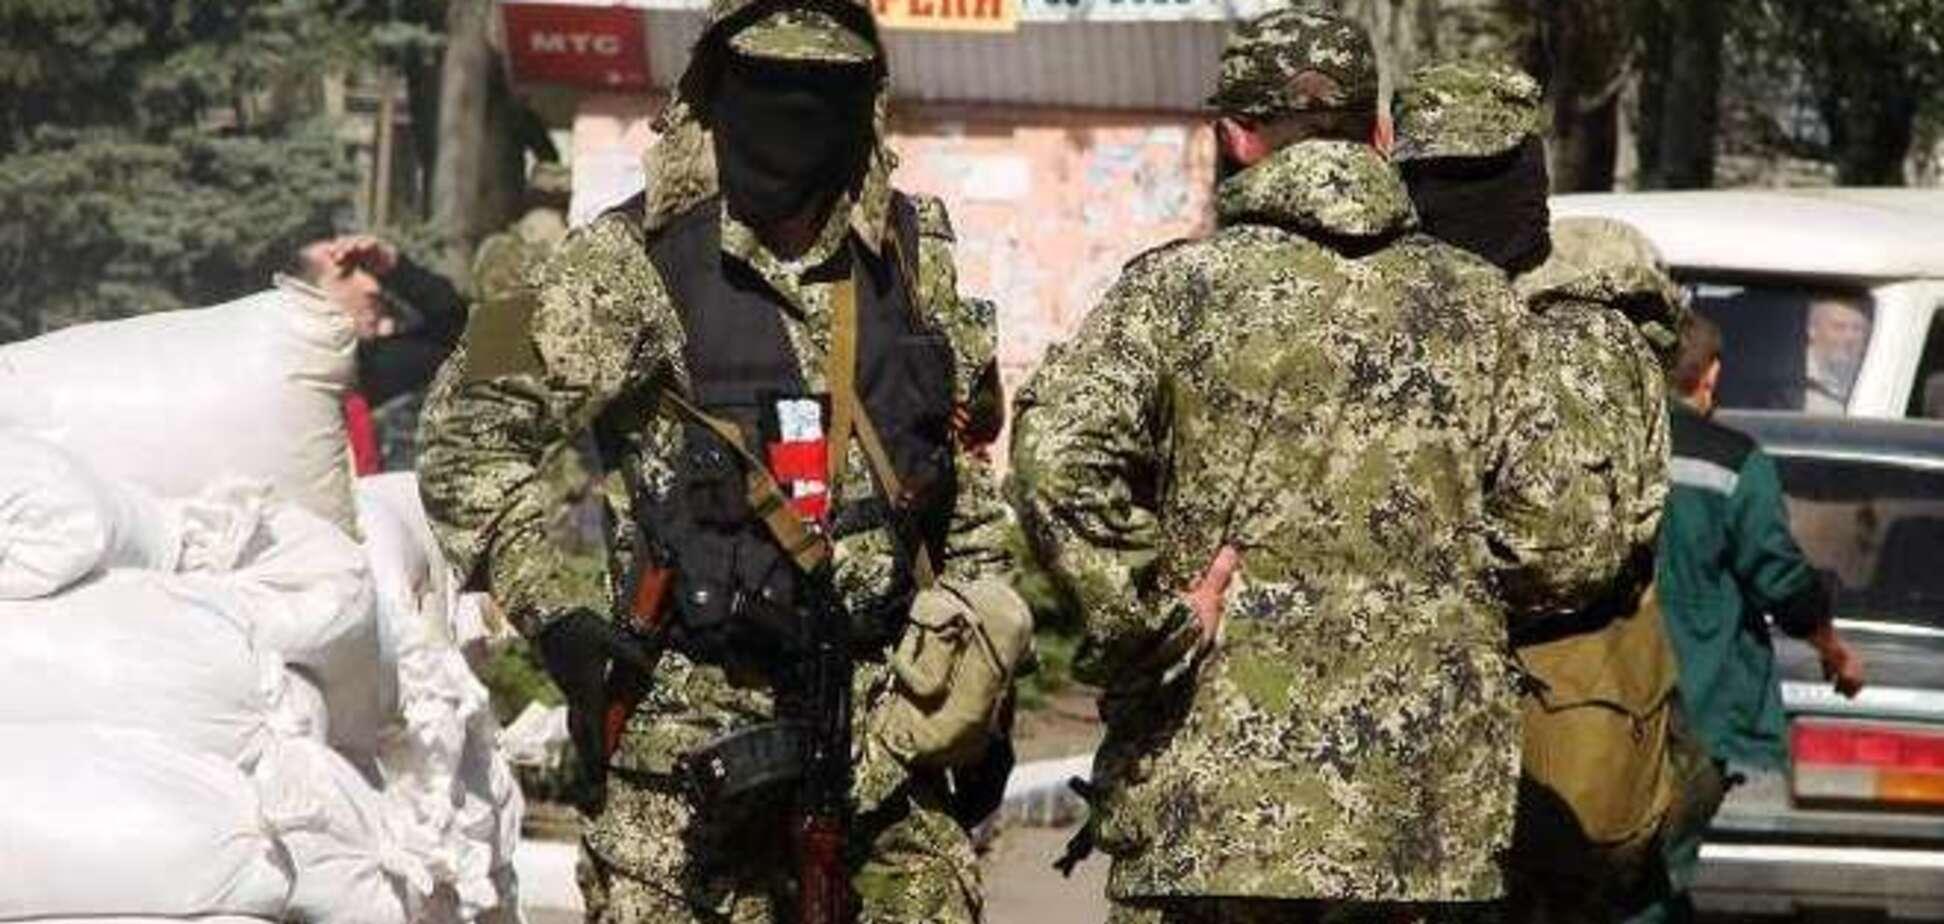 'Власти' Крыма активно поддерживают боевиков 'ДНР' людьми и оружием